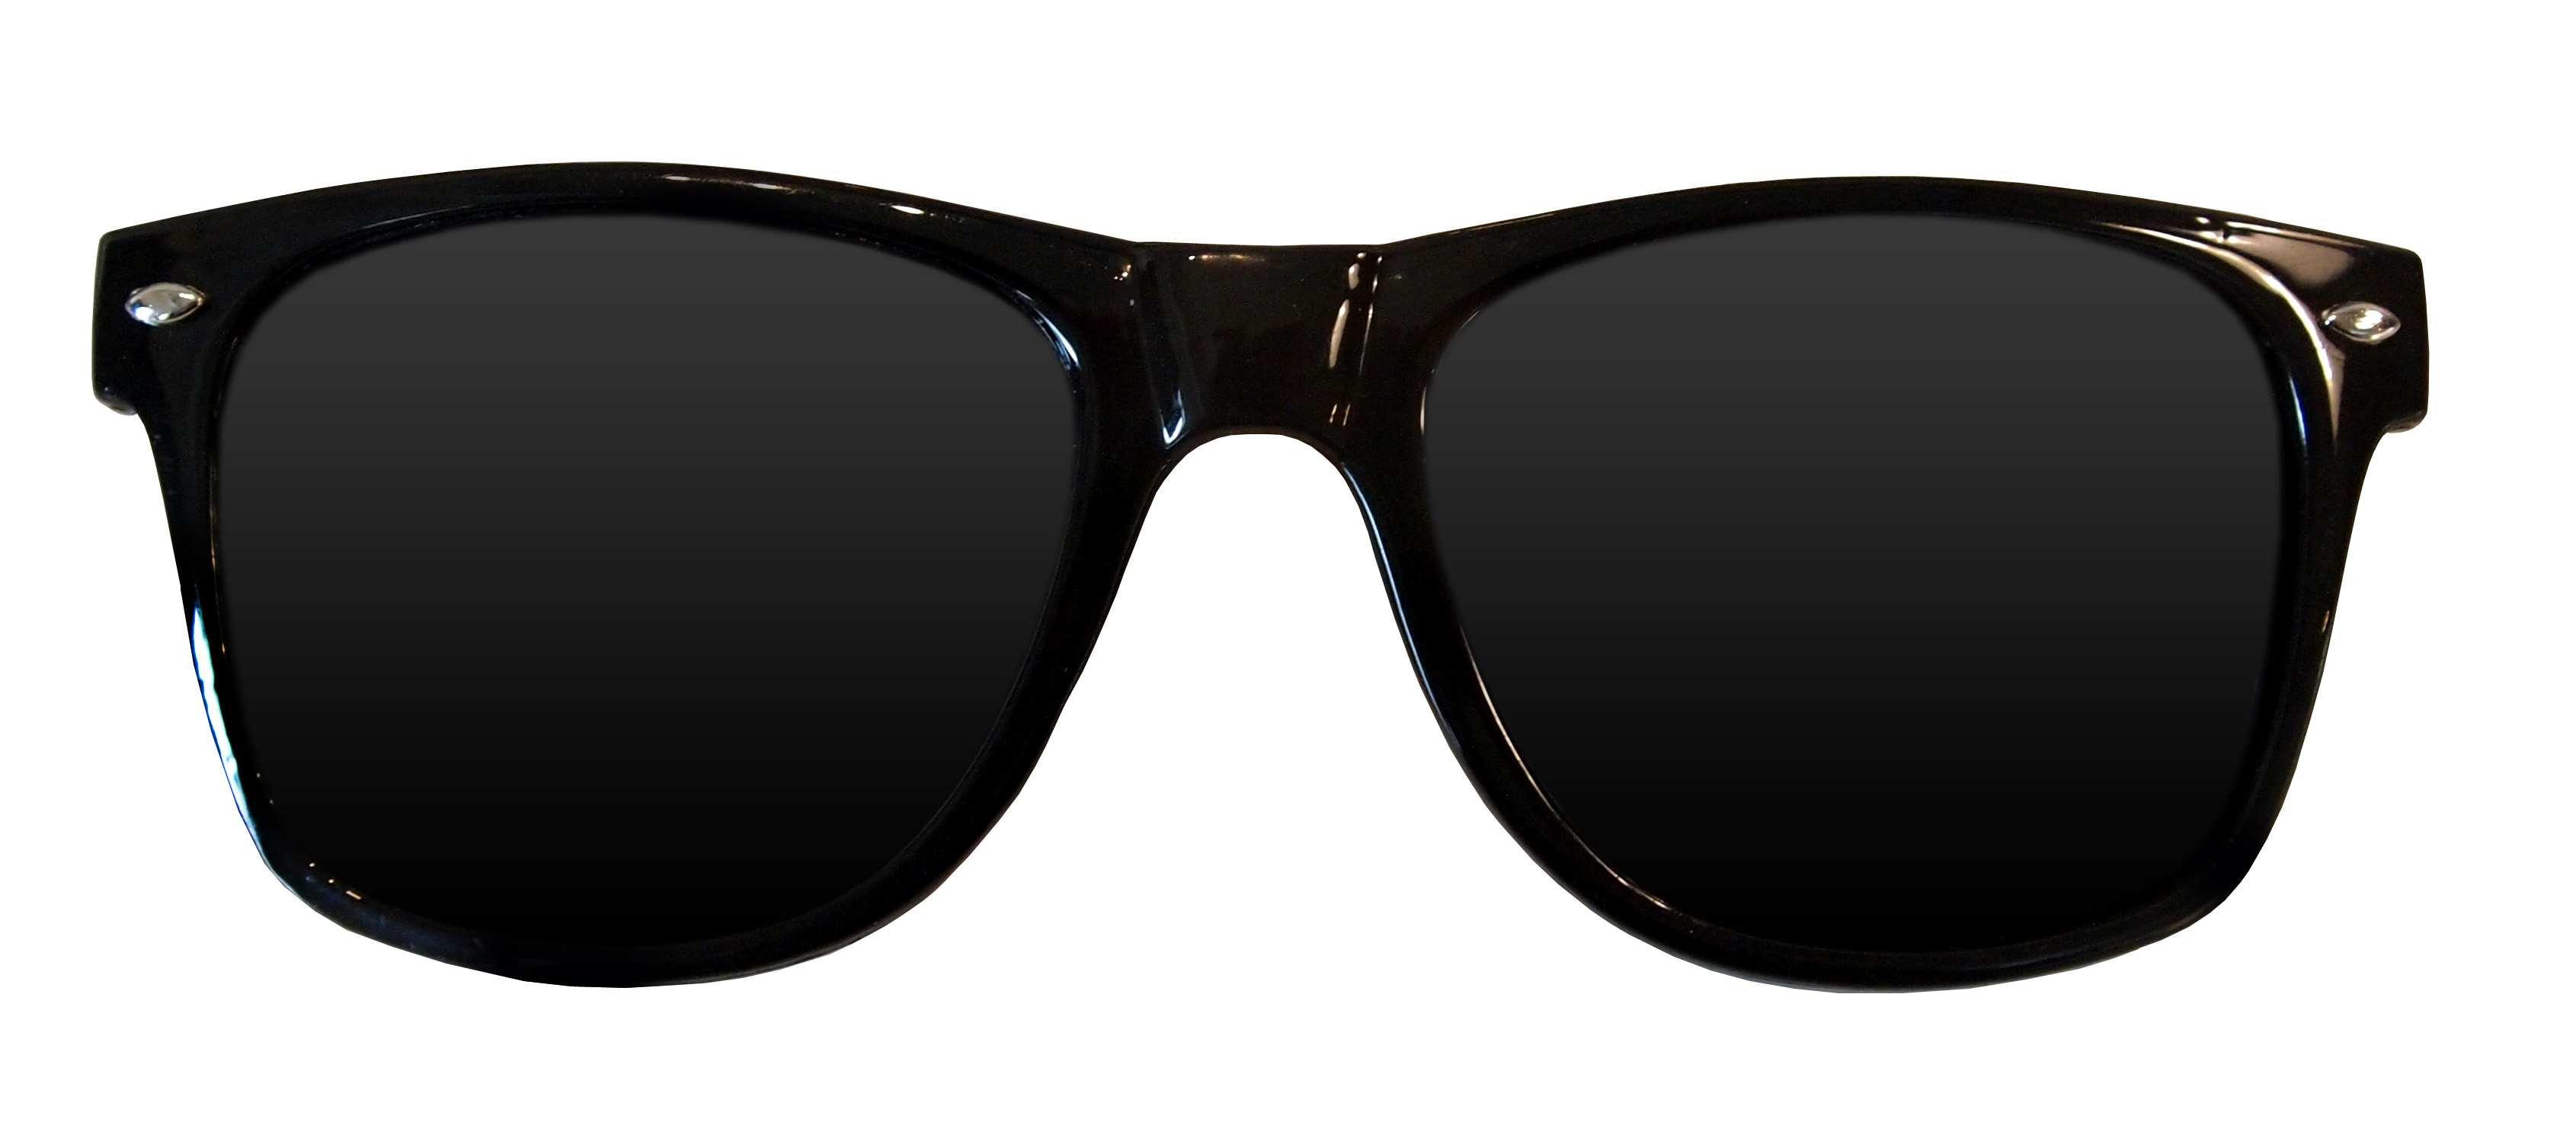 Lunettes : les femmes et les lunettes